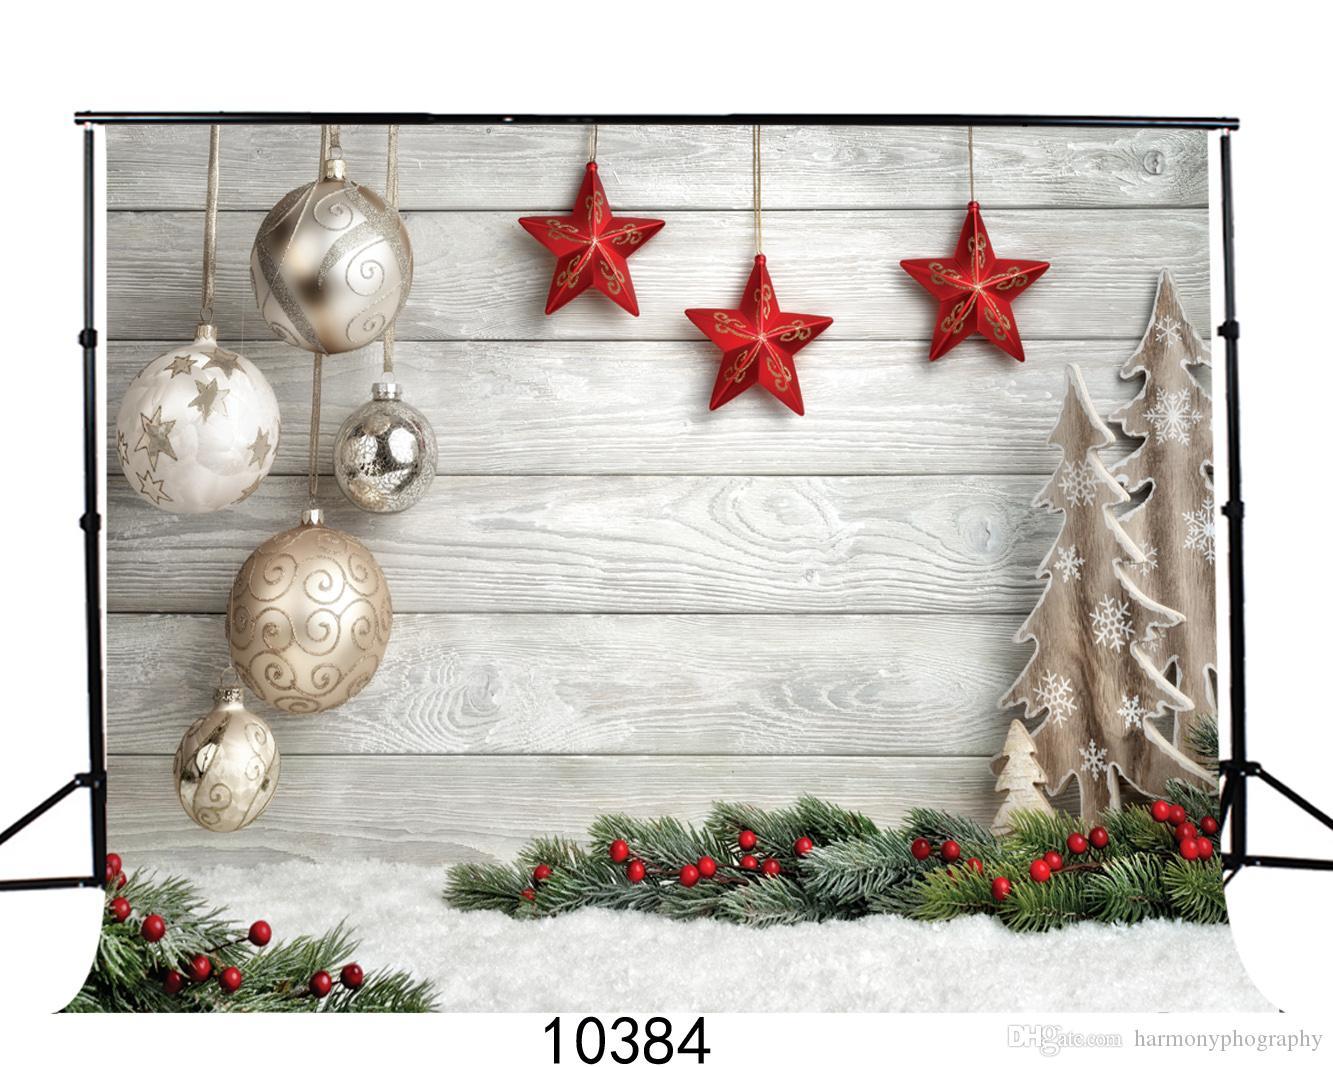 Рождество 7X5ft камера фотографии фонов виниловые ткани фотографии фоны свадьба дети ребенок фон для фотостудии 10384